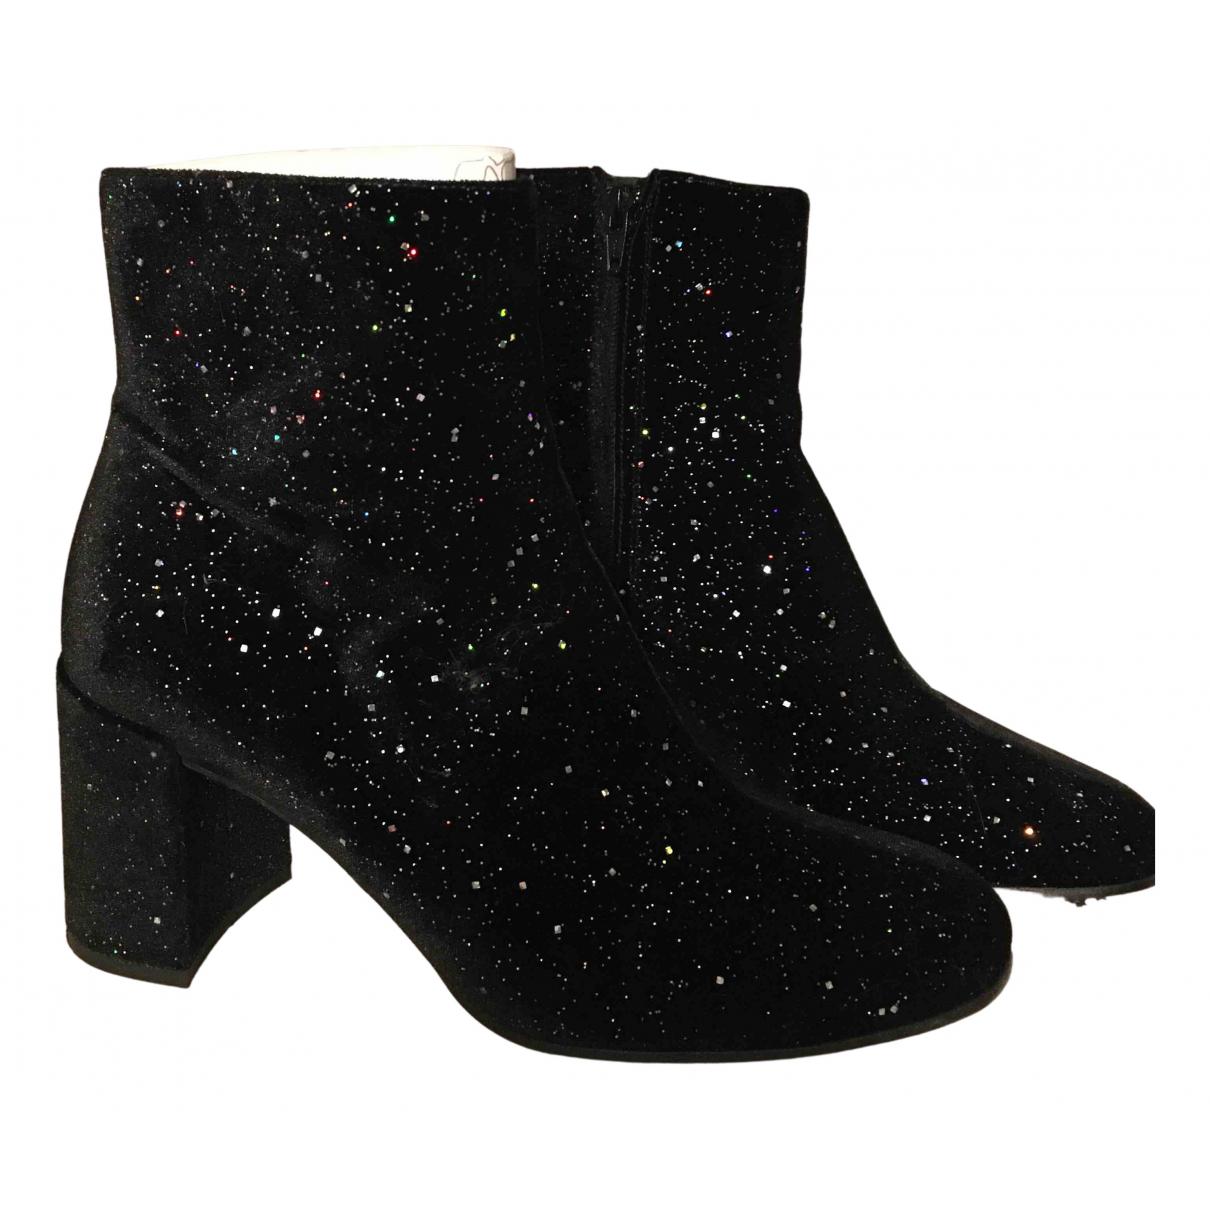 Free Lance - Boots   pour femme en velours - multicolore